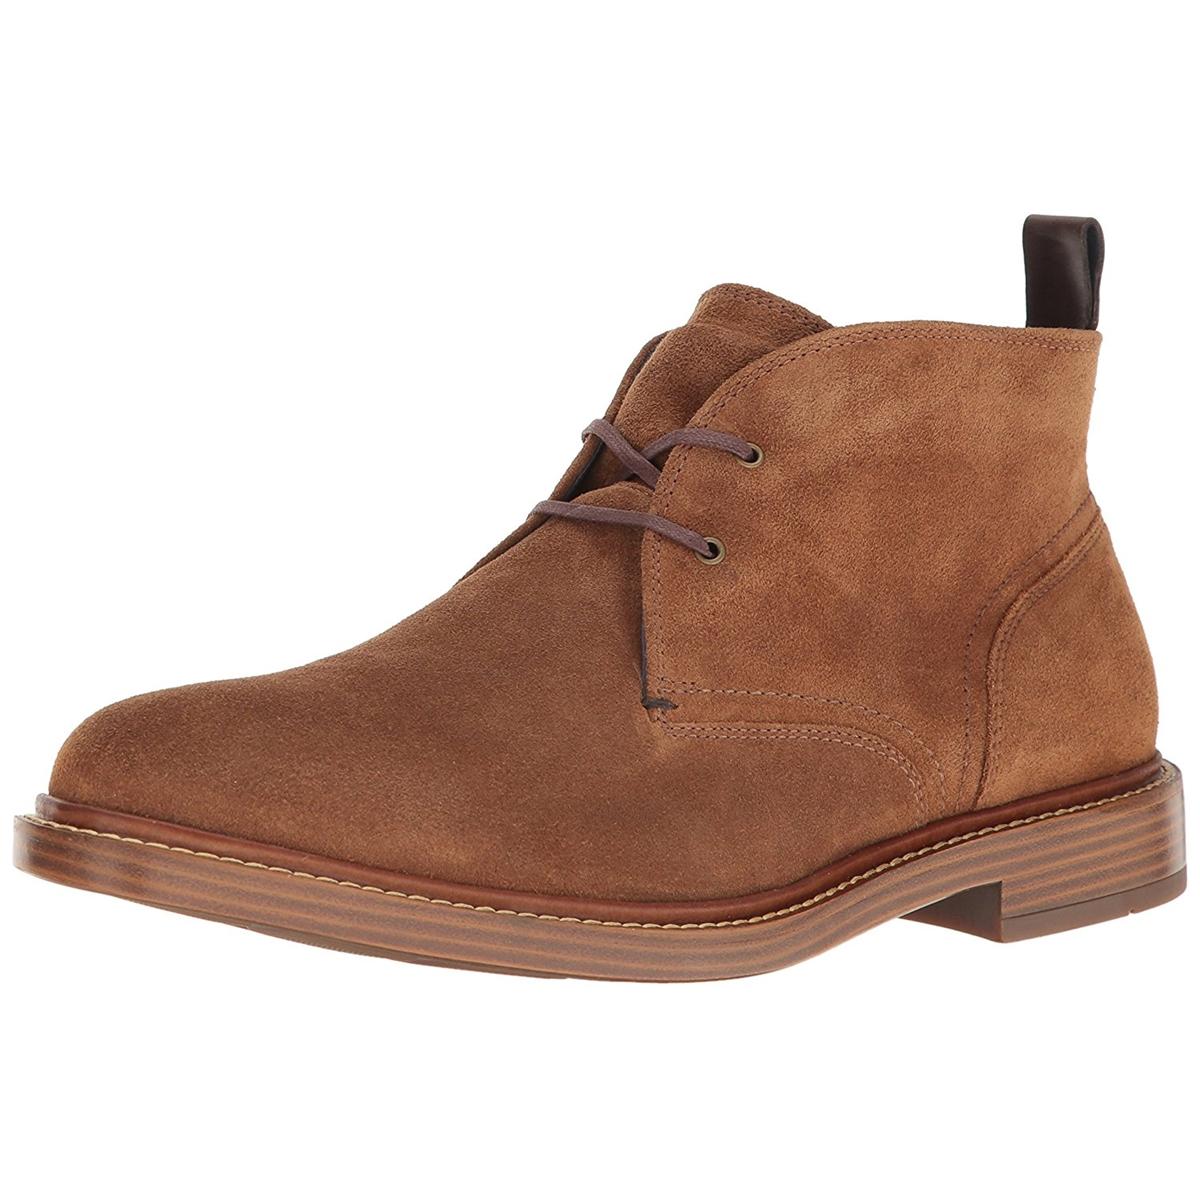 Cole Haan M Adams Grand Chukka Boots